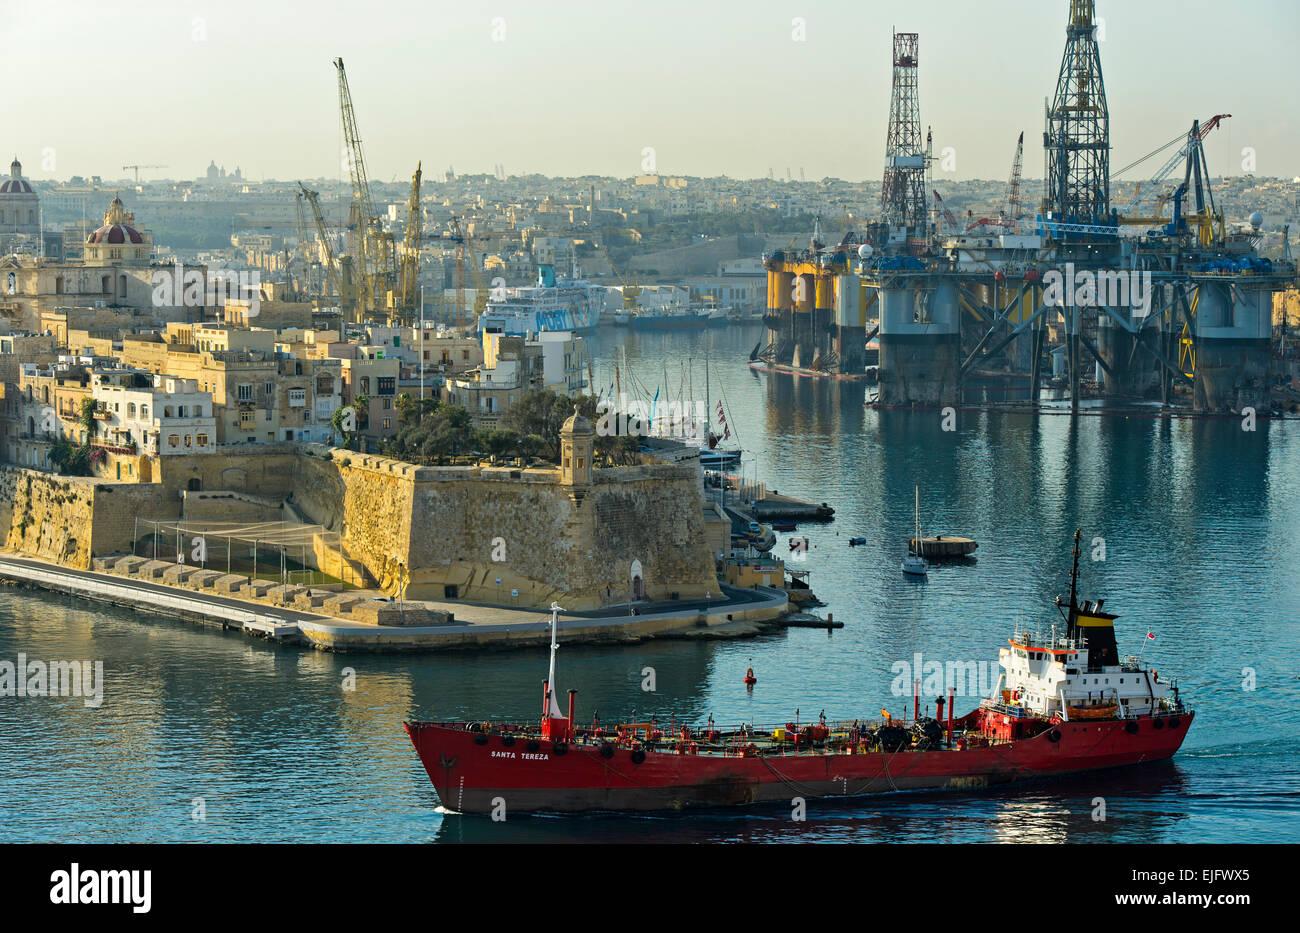 Chemical tanker in the harbor of Santa Tereza Grand Harbour of Valletta, Malta - Stock Image